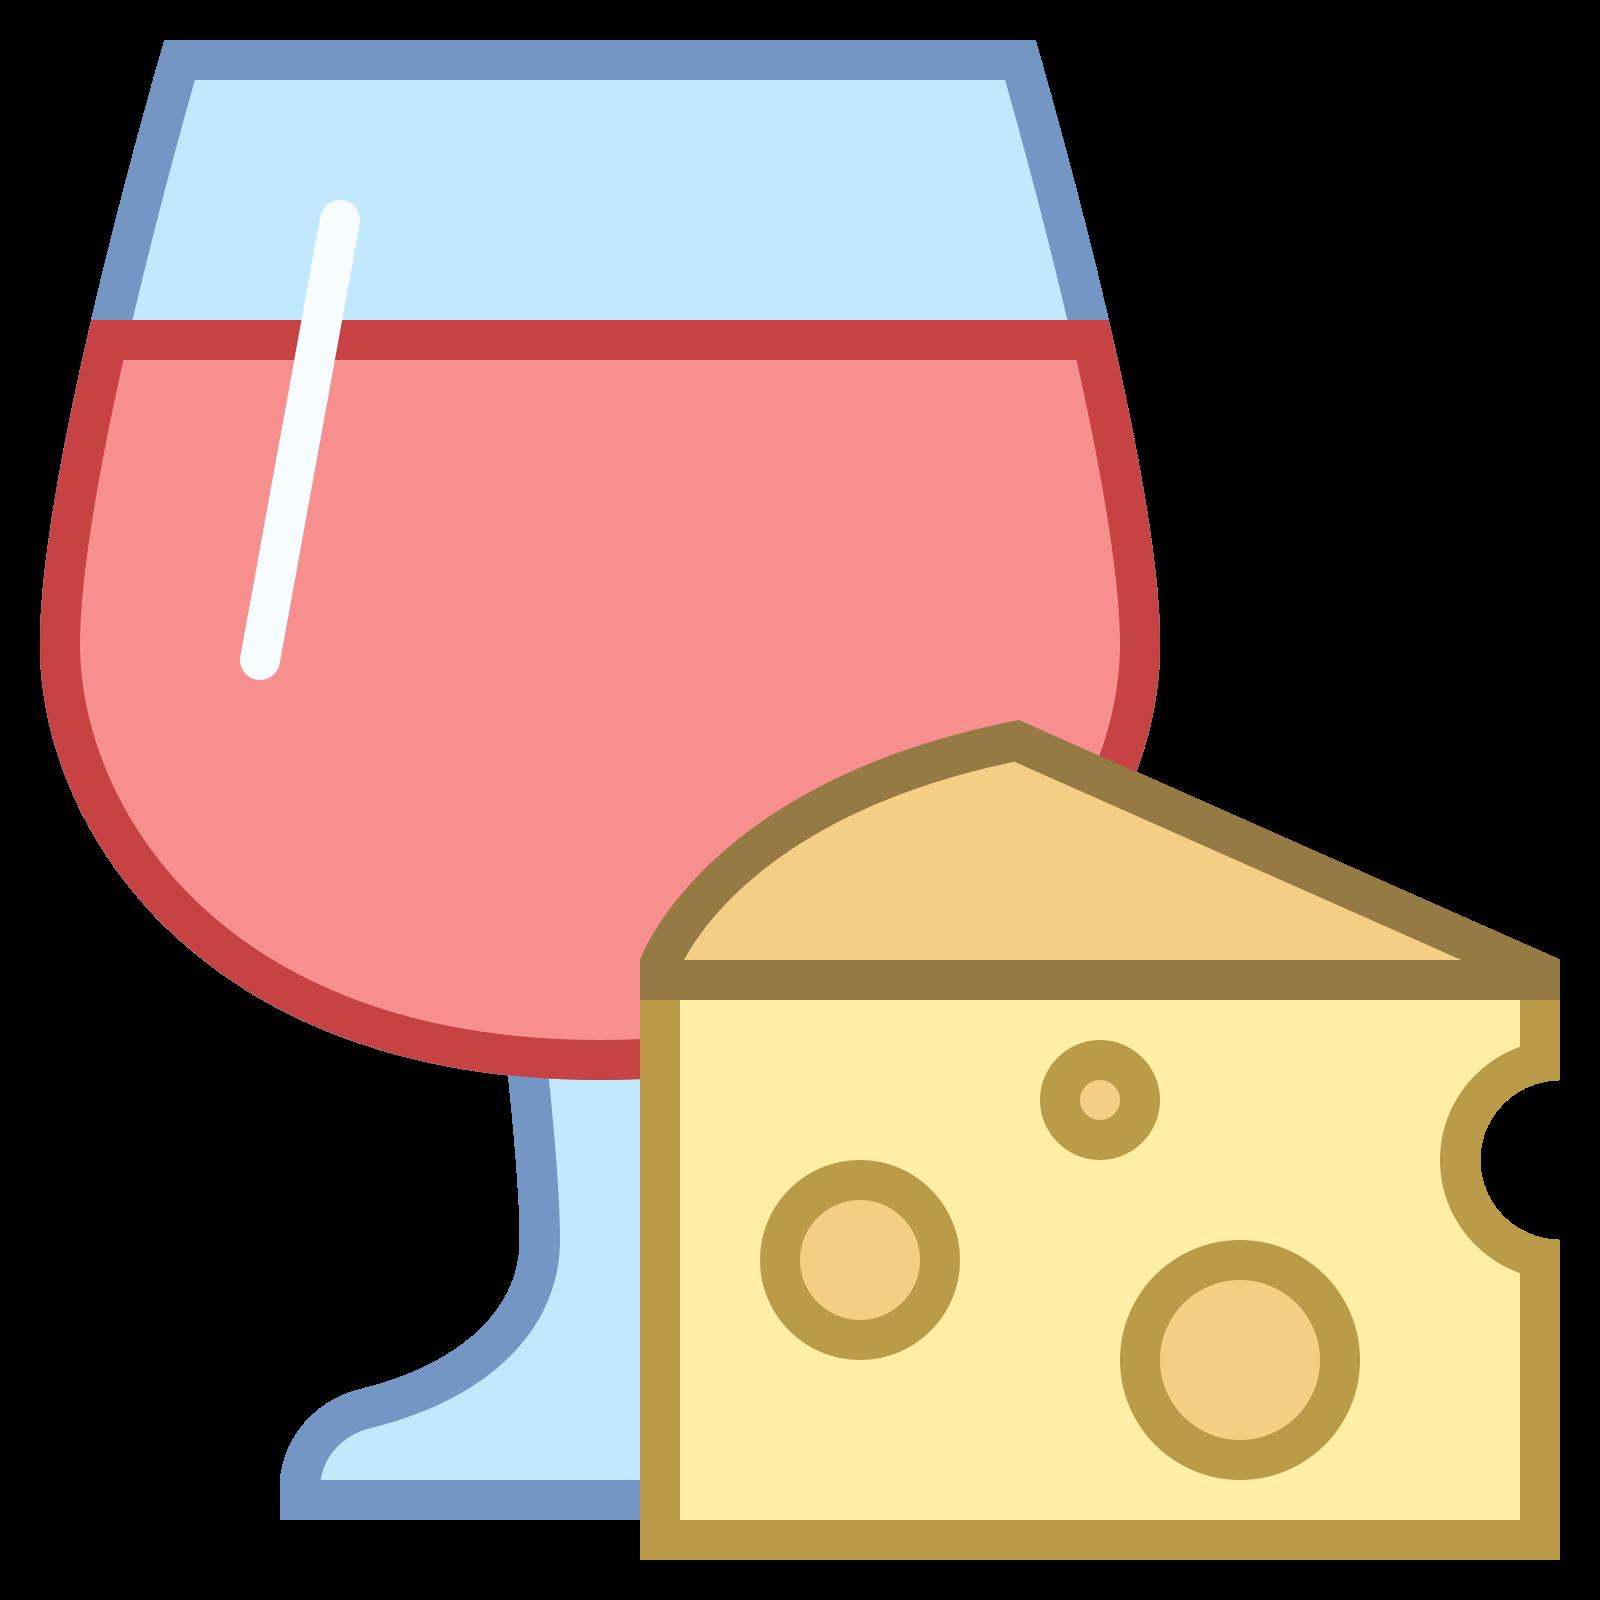 Jedzenie i wino icon